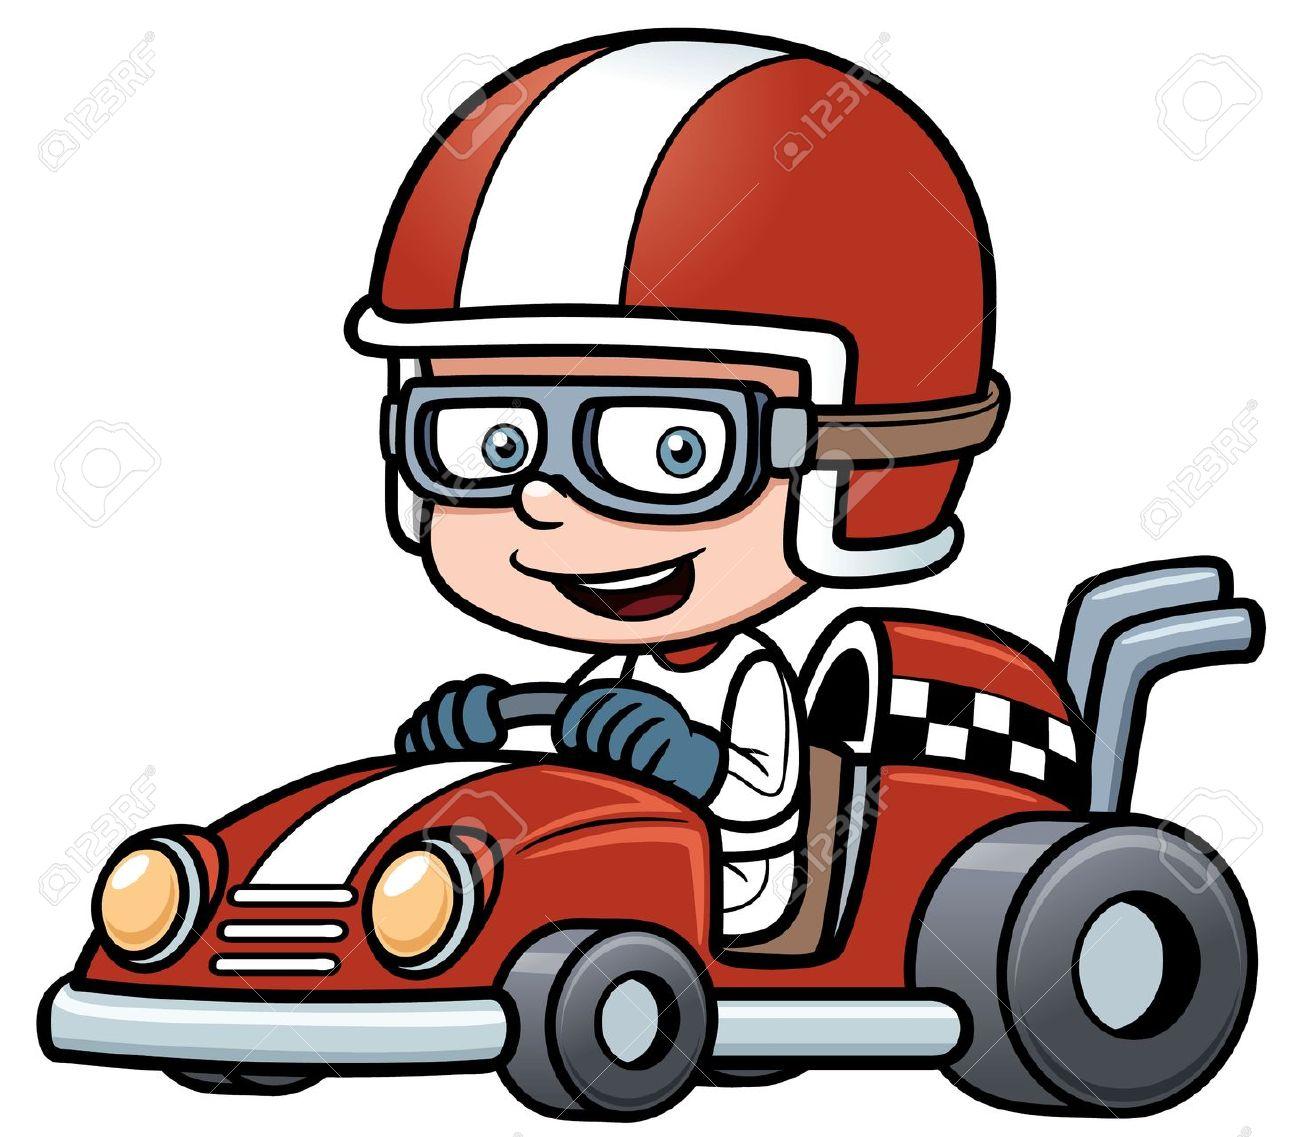 Off road go kart clipart.